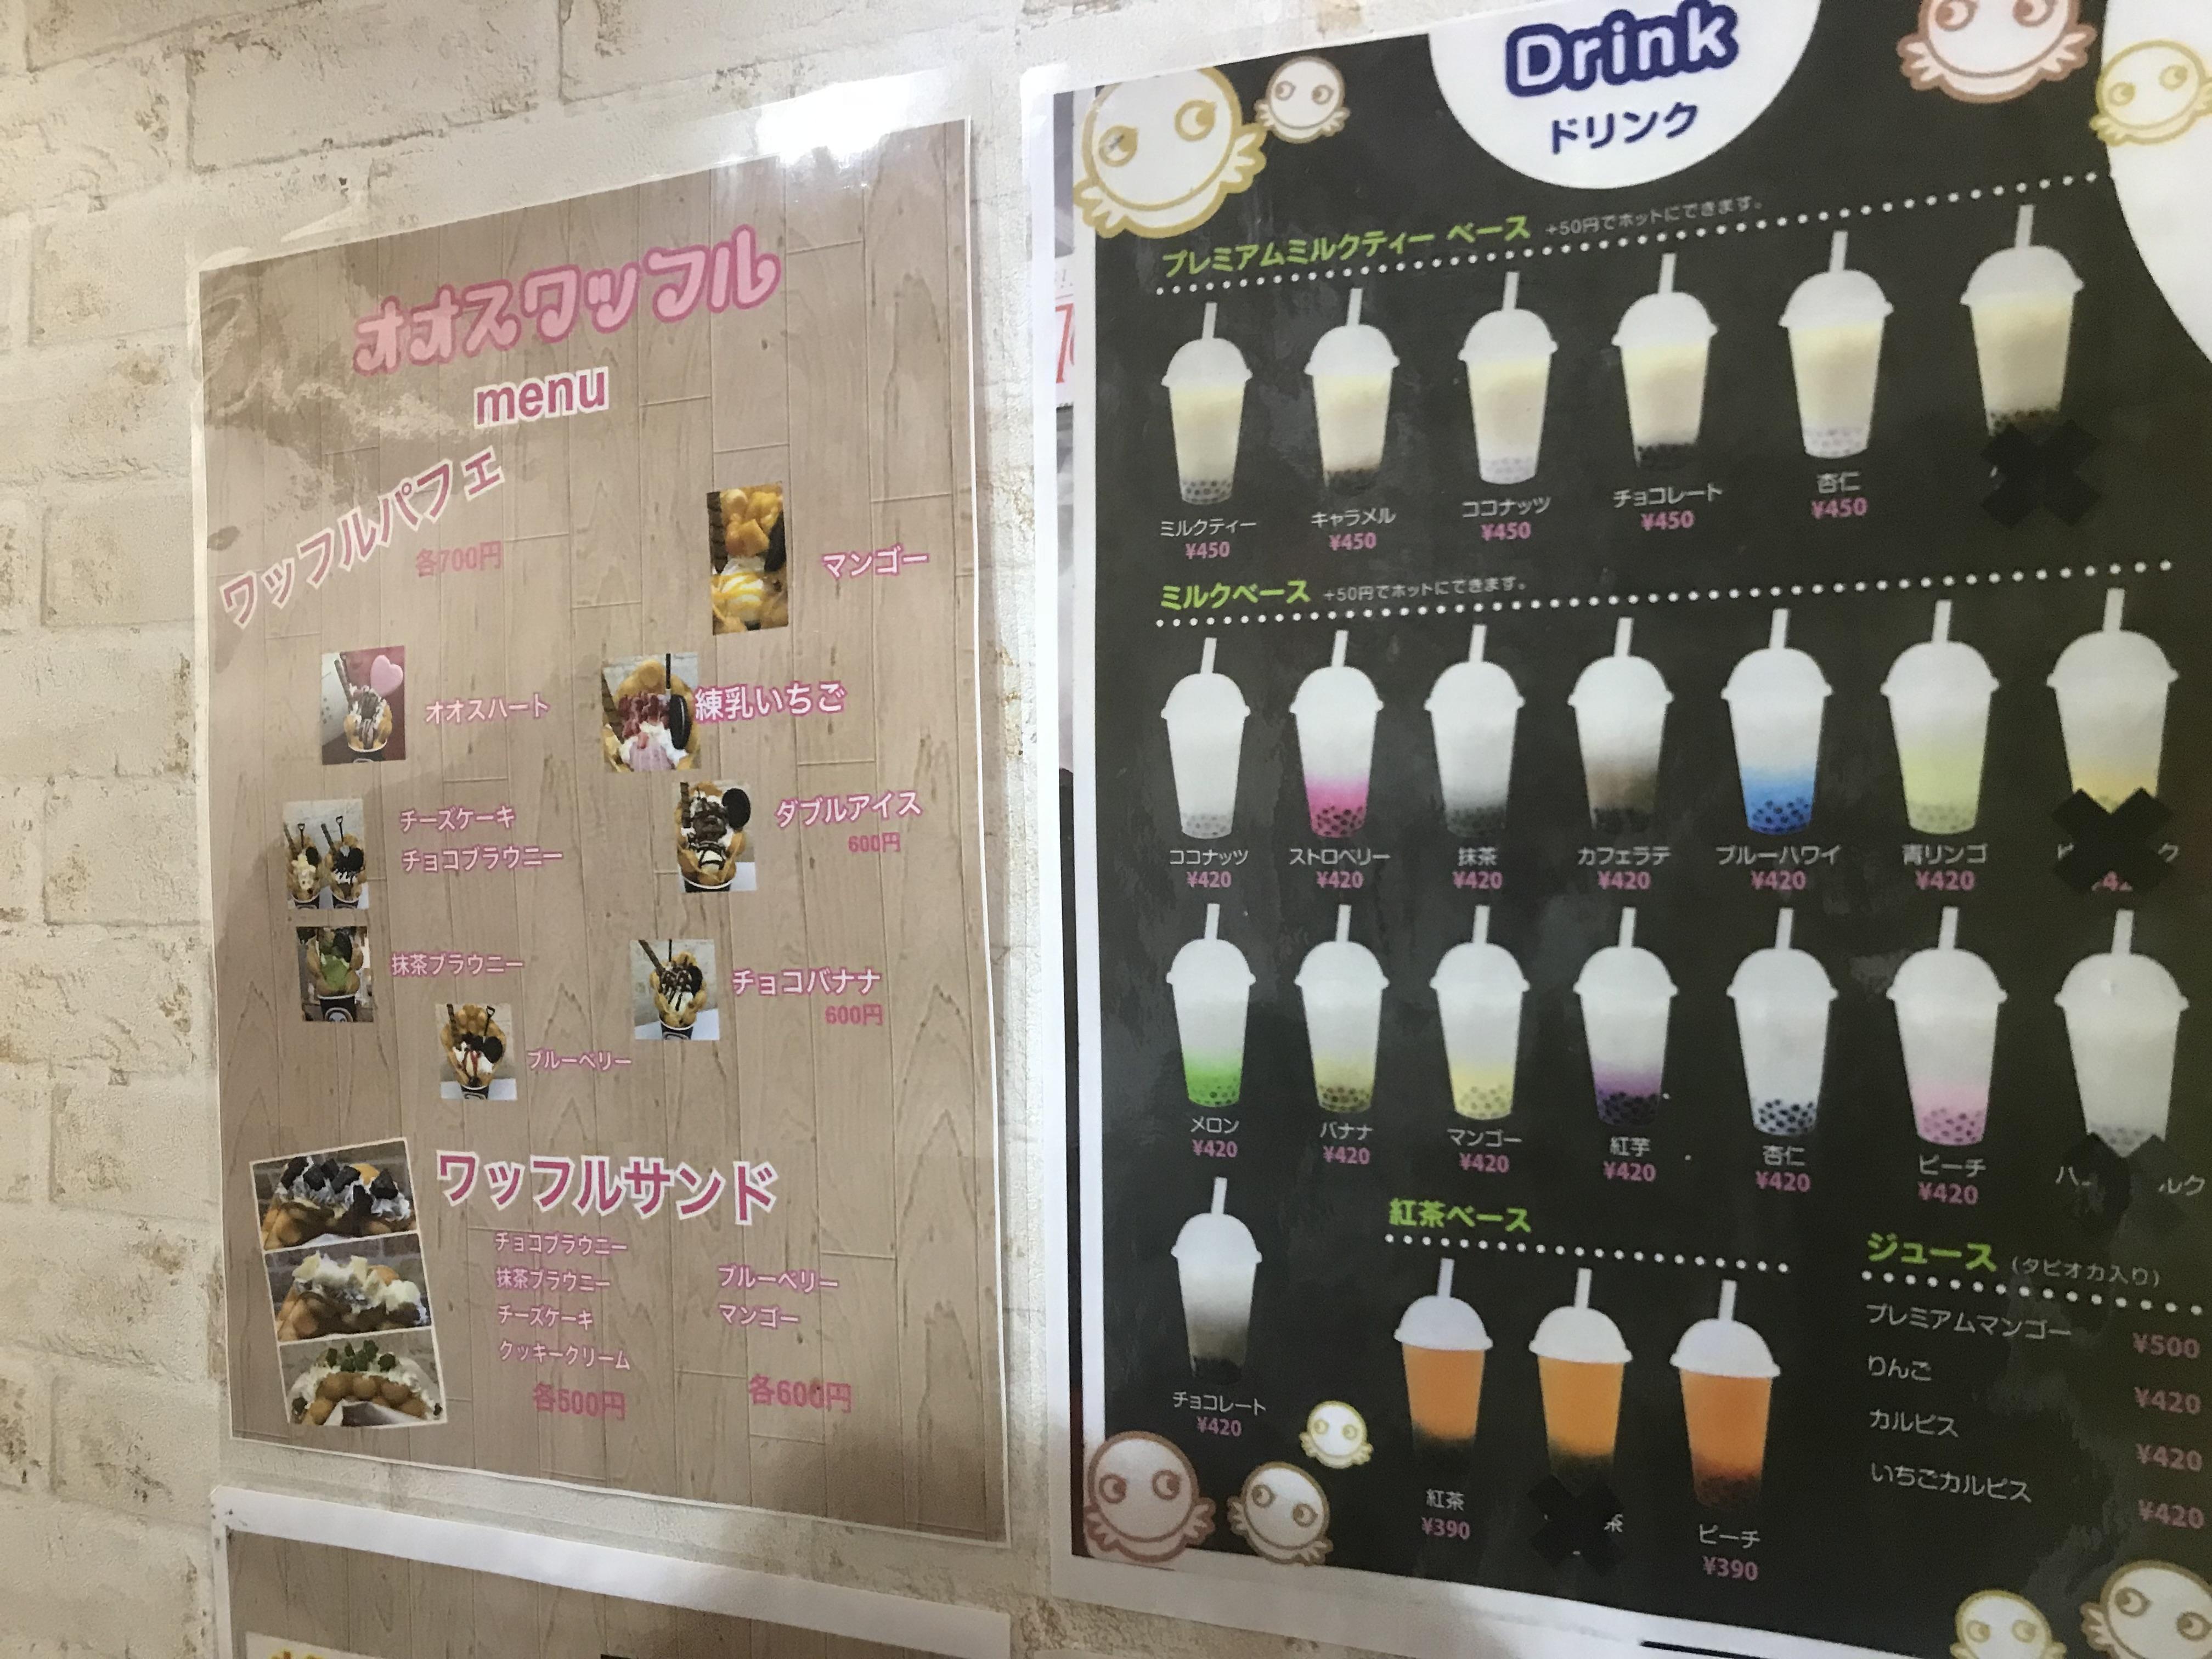 新・大須の食べ歩きメニュー!韓国で人気の「オオスウユ」を飲むなら『Tappy』で - IMG 3290